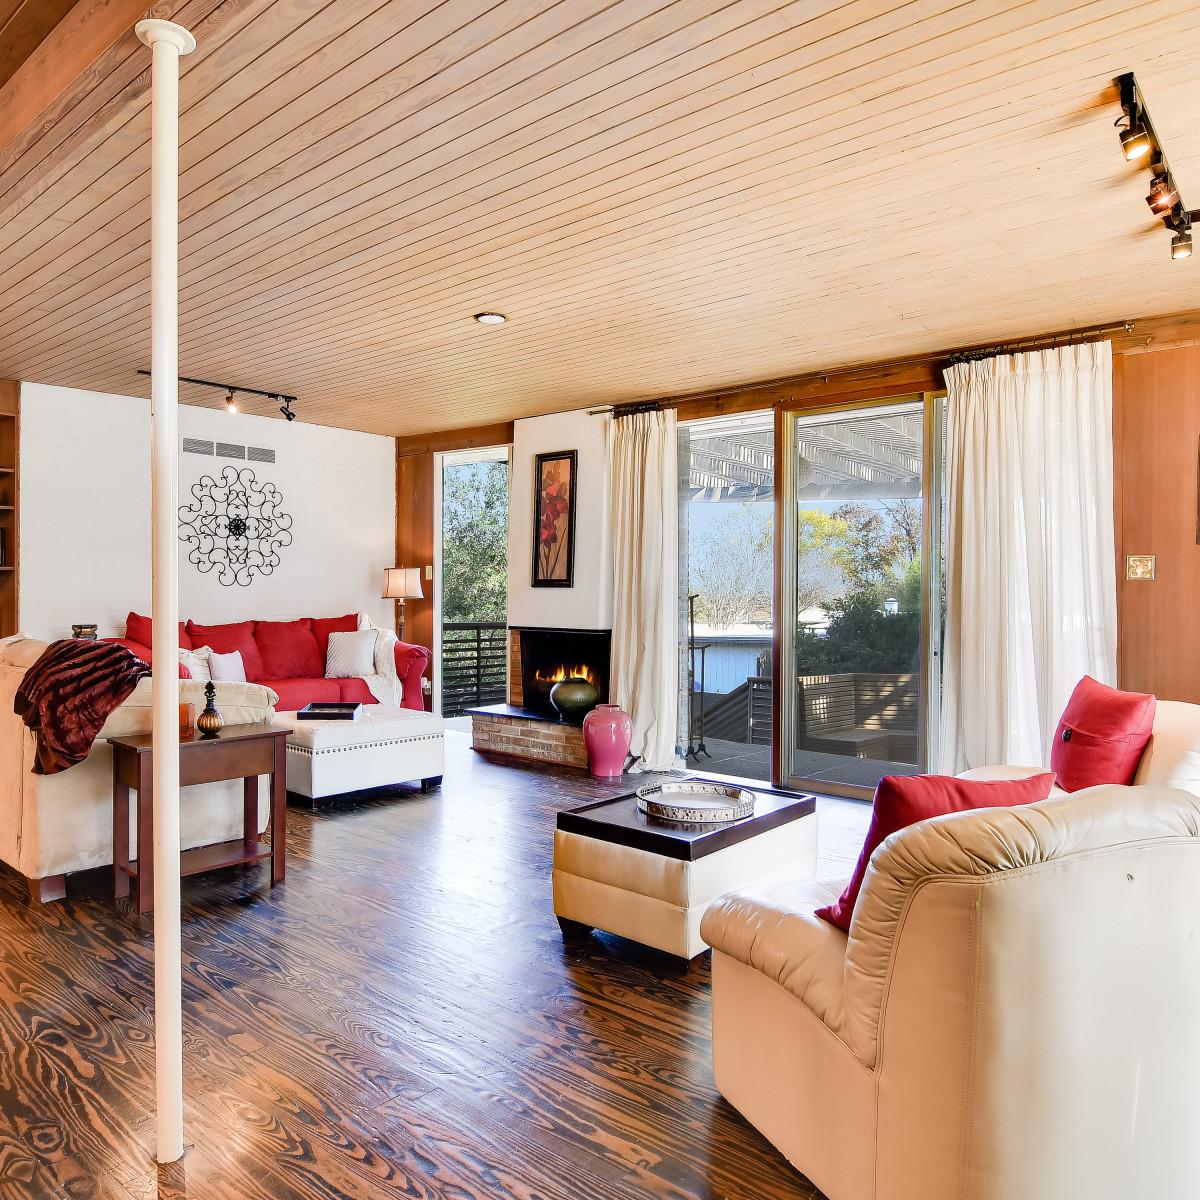 805 Ridgemont San Antonio house for sale